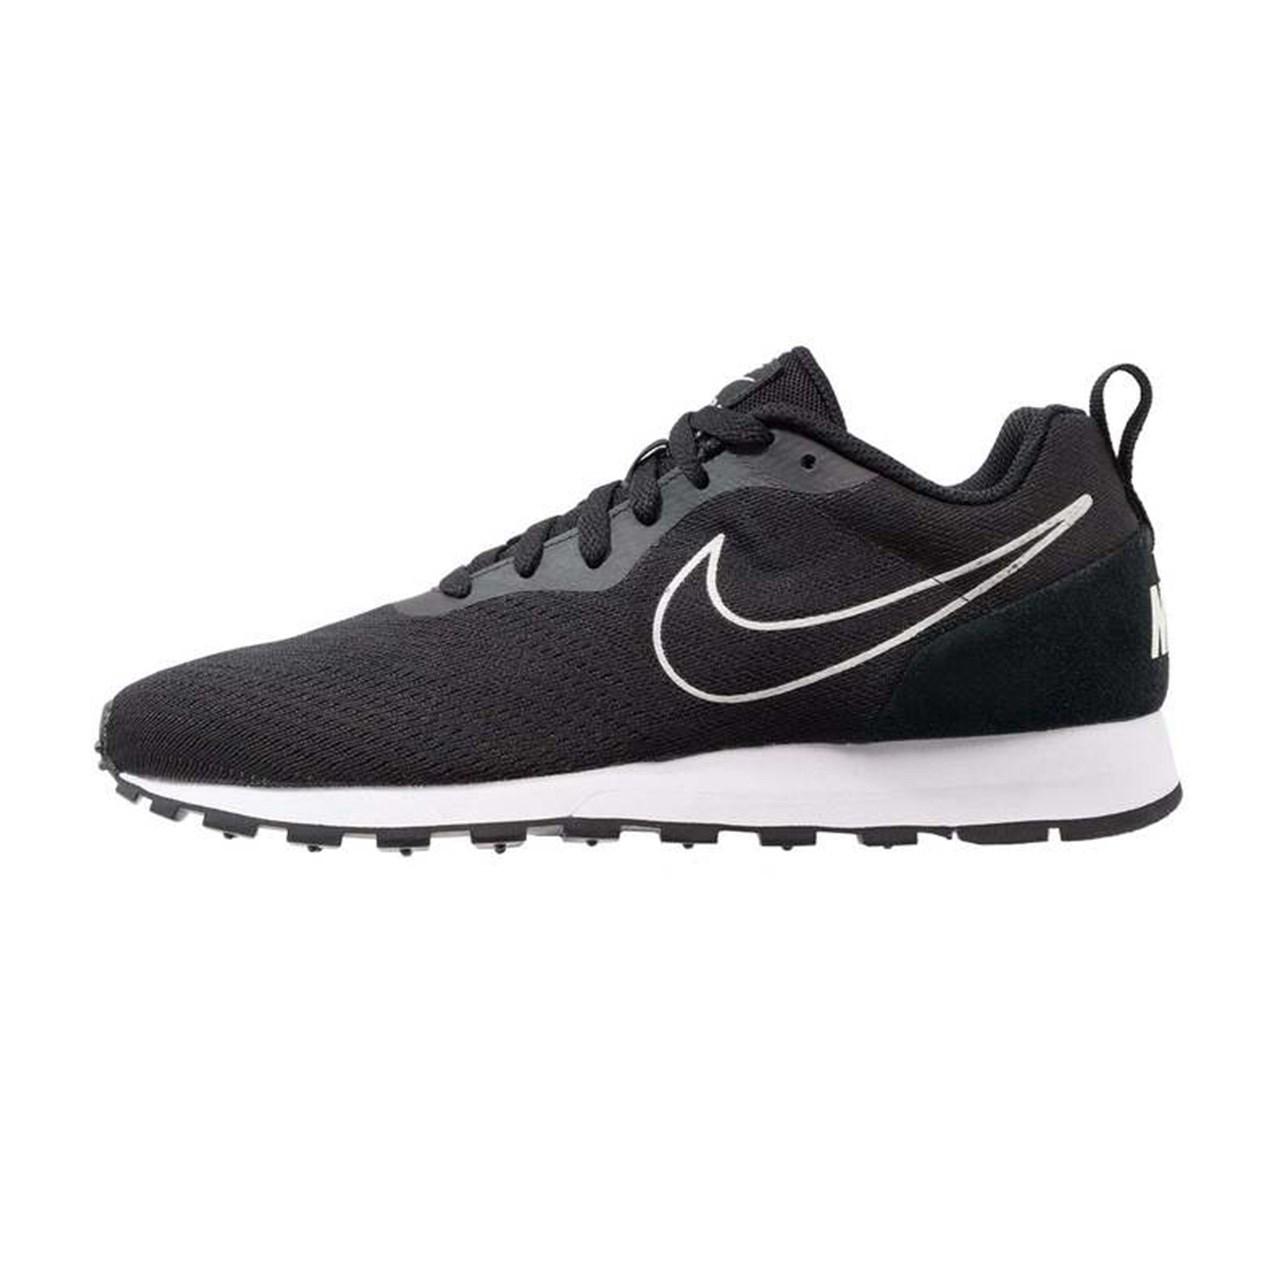 کفش مخصوص دویدن مردانه نایک مدل MD RUNNER 2 BR